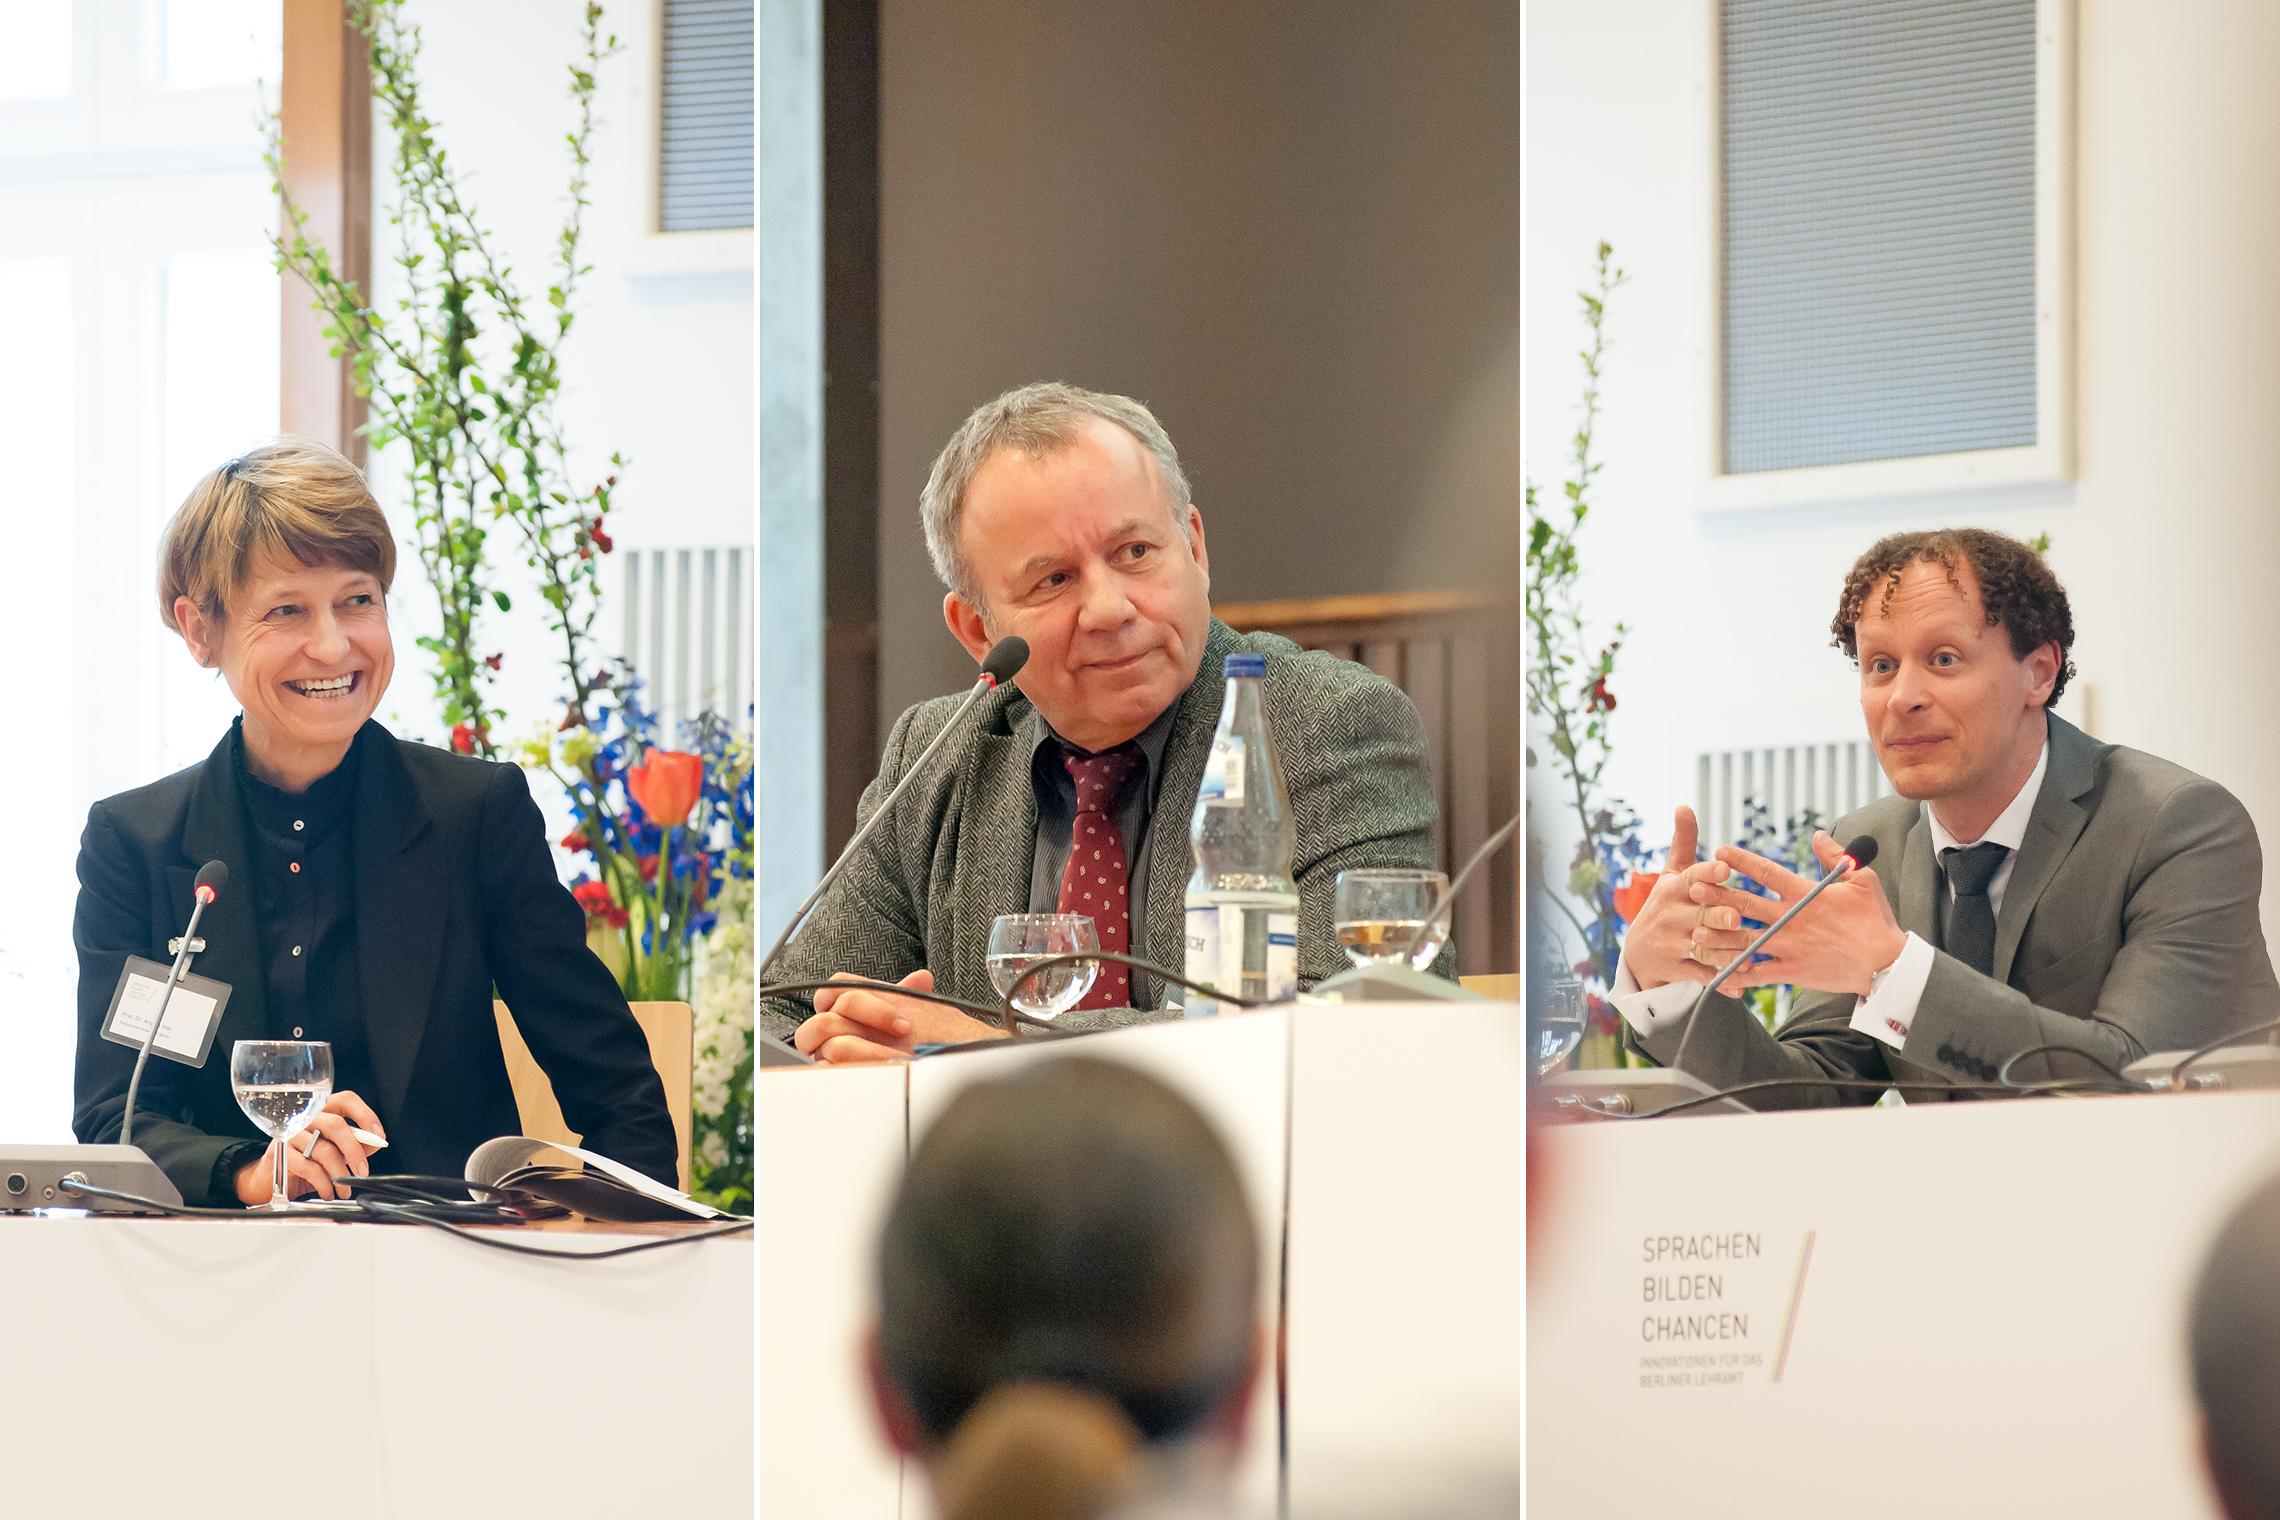 Veranstaltungs-Fotografie-SprachenBildenChancen-FotoCaroHoene-140